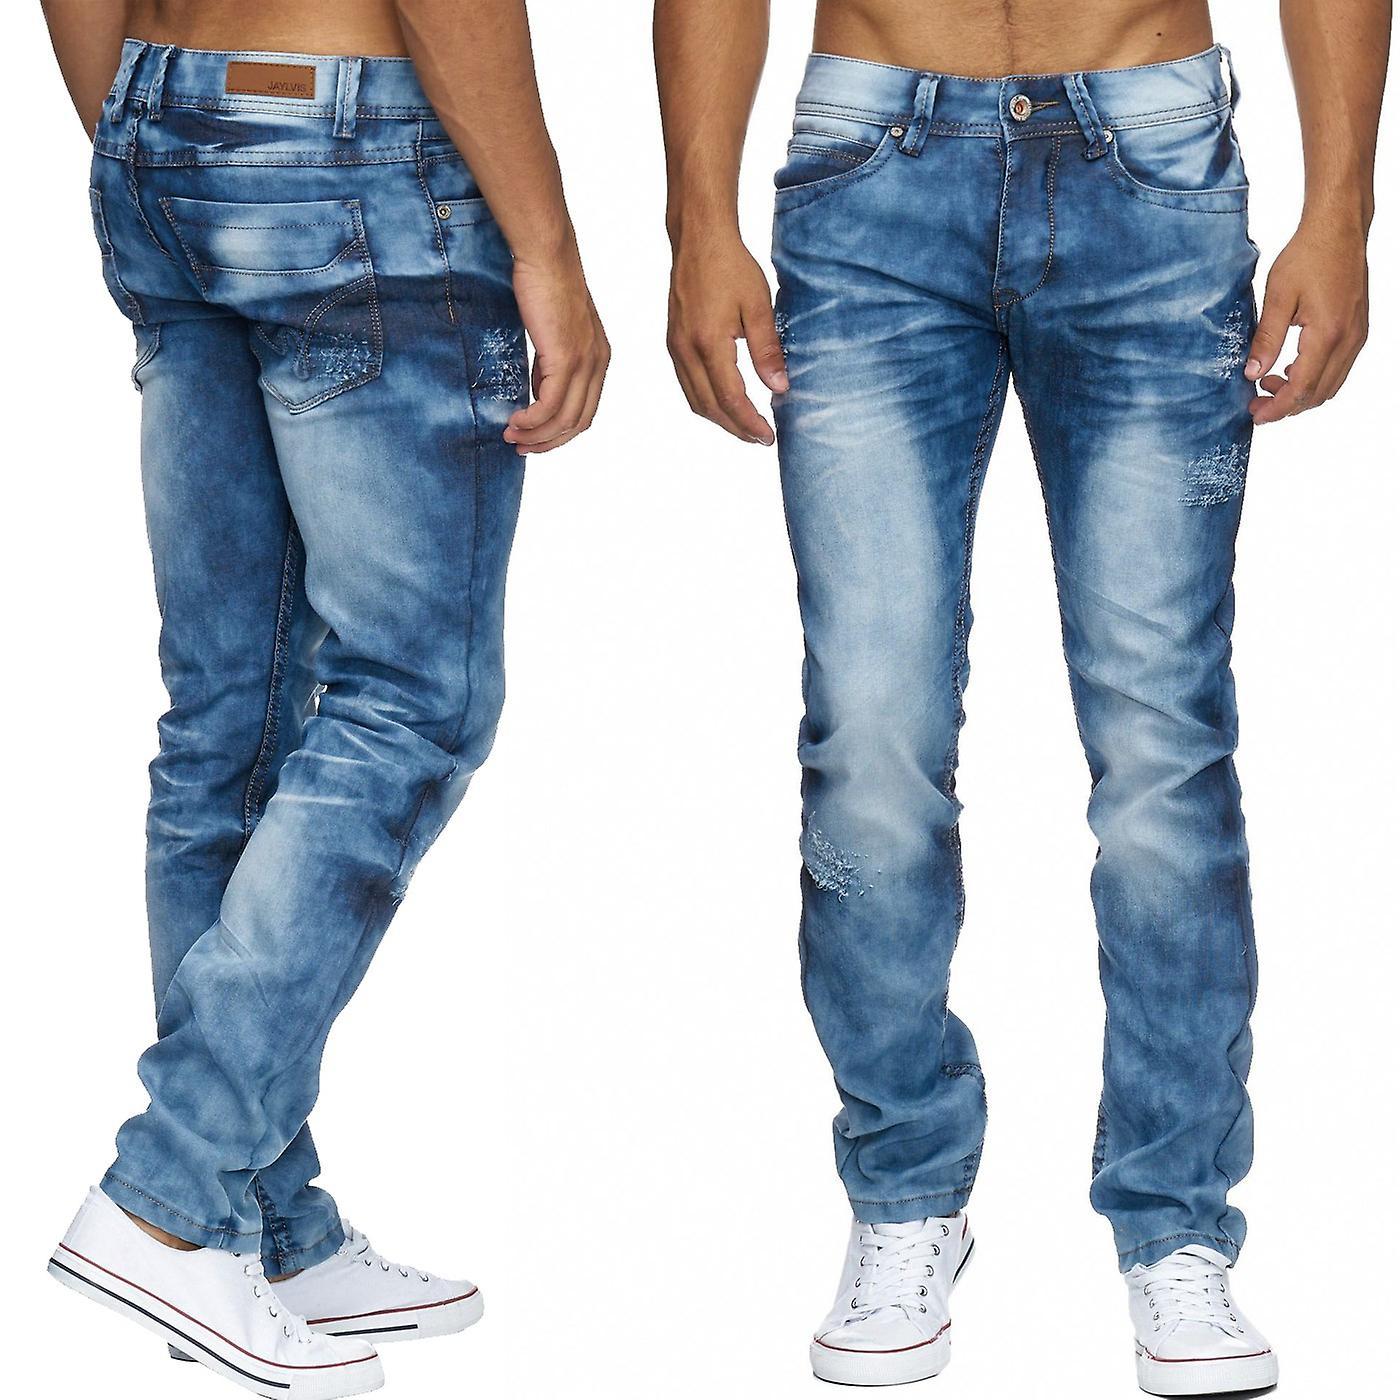 эффект складок на джинсах